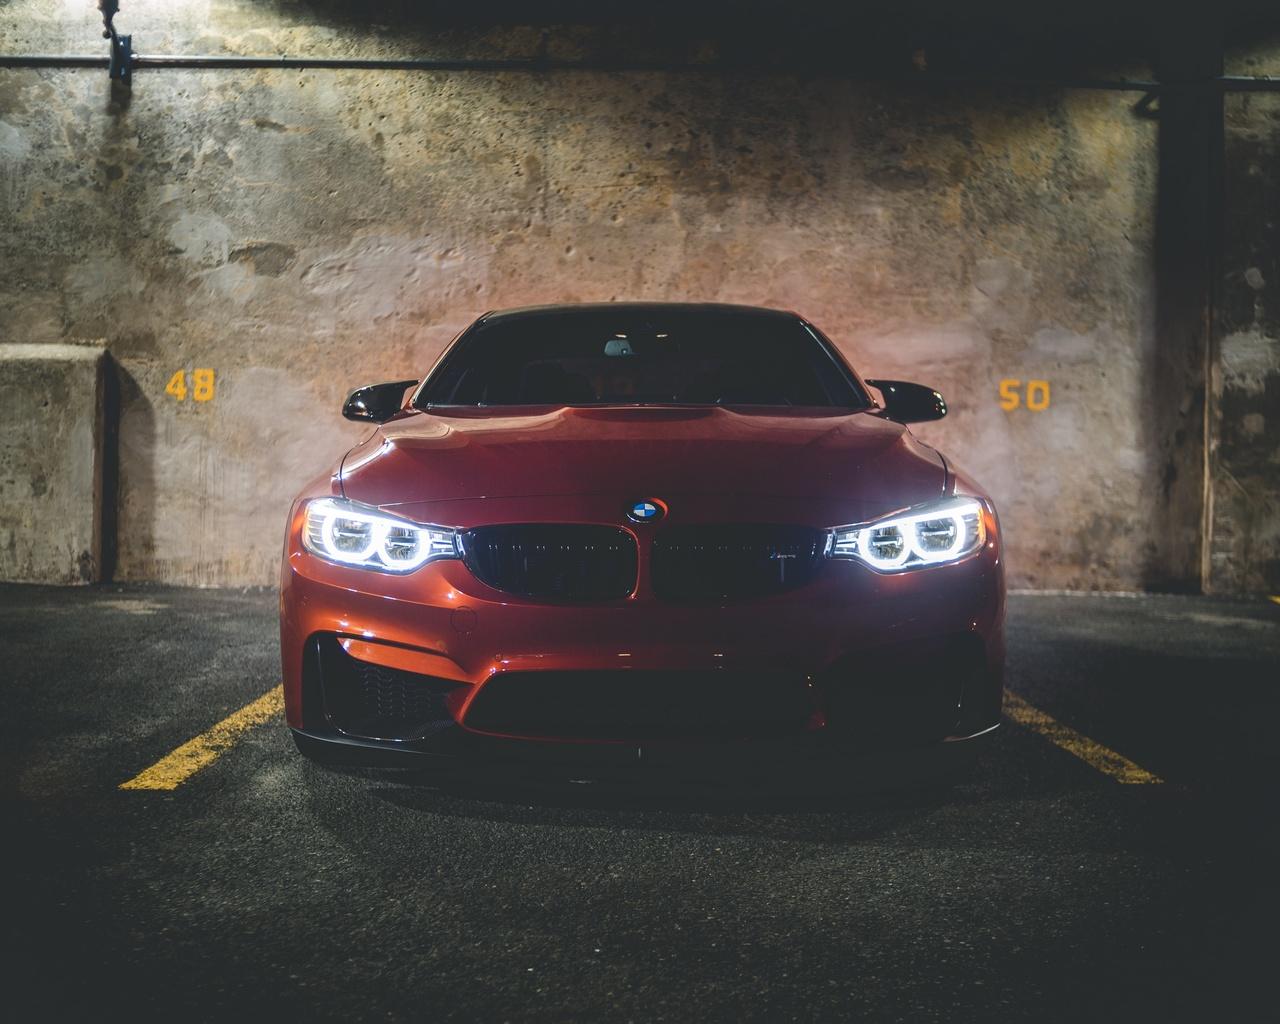 320i, bmw, машина, вид спереди, красный